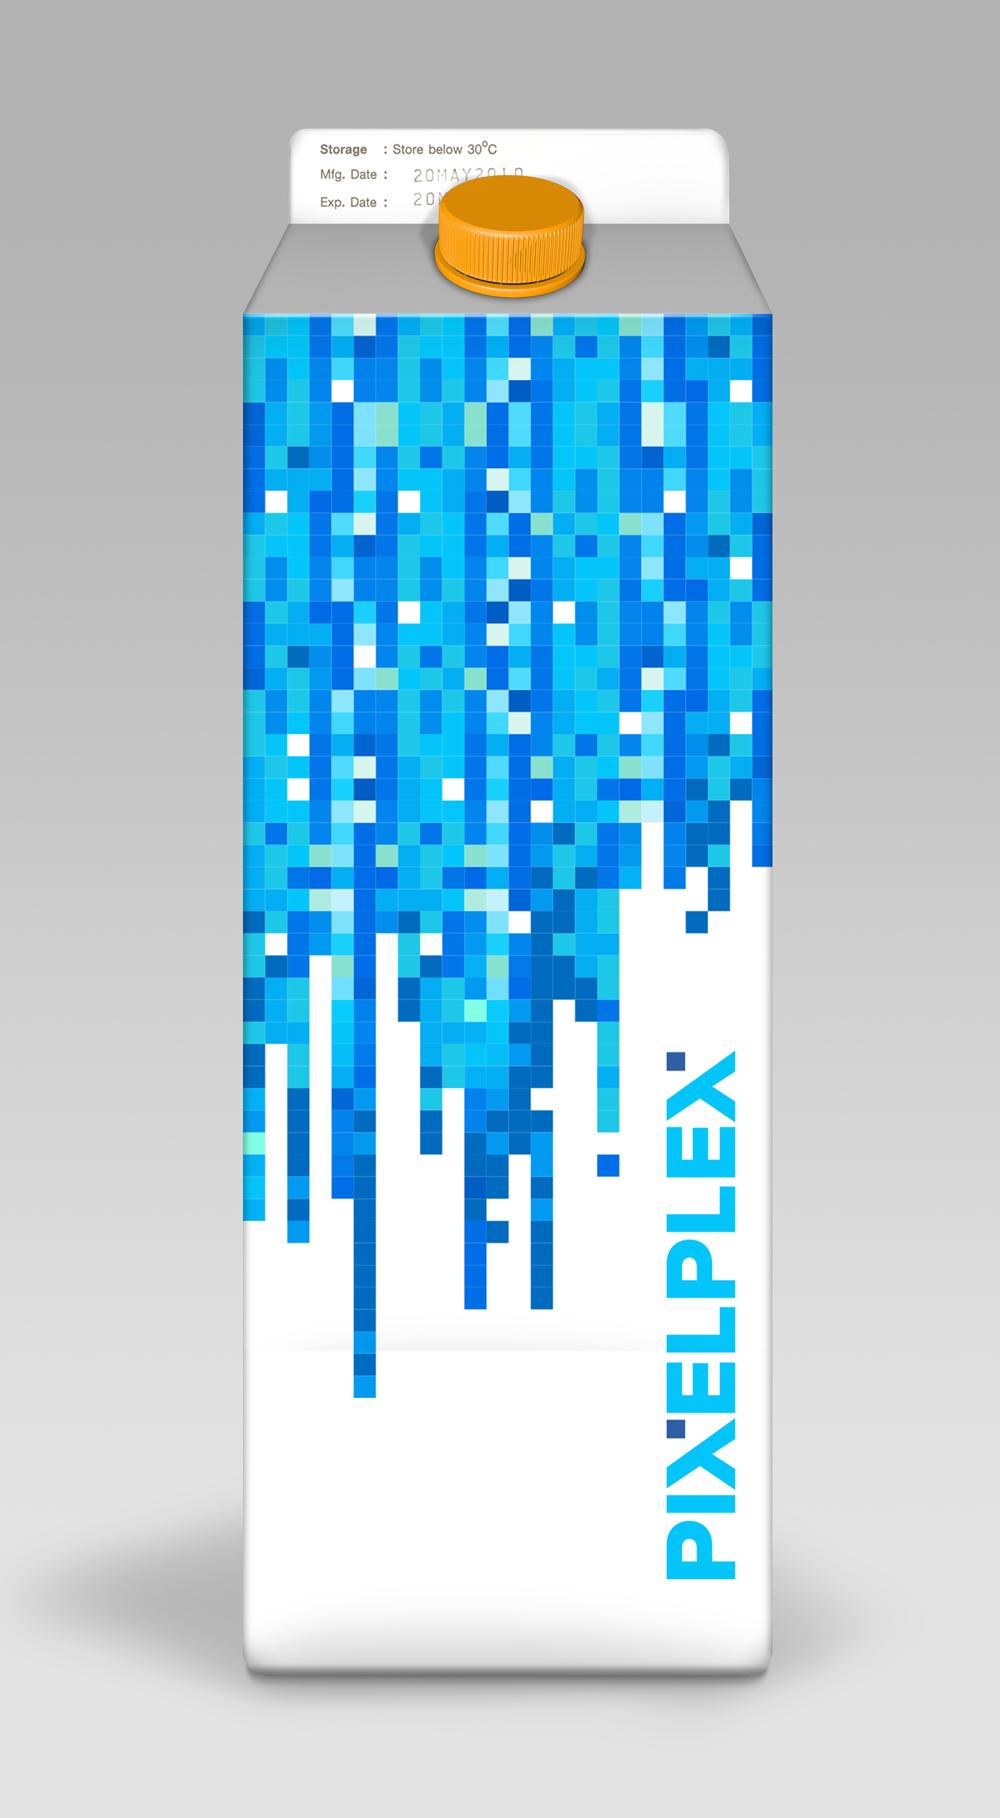 Креативная концепция и художественные варианты c логотипом фото f_617599028a64884d.jpg